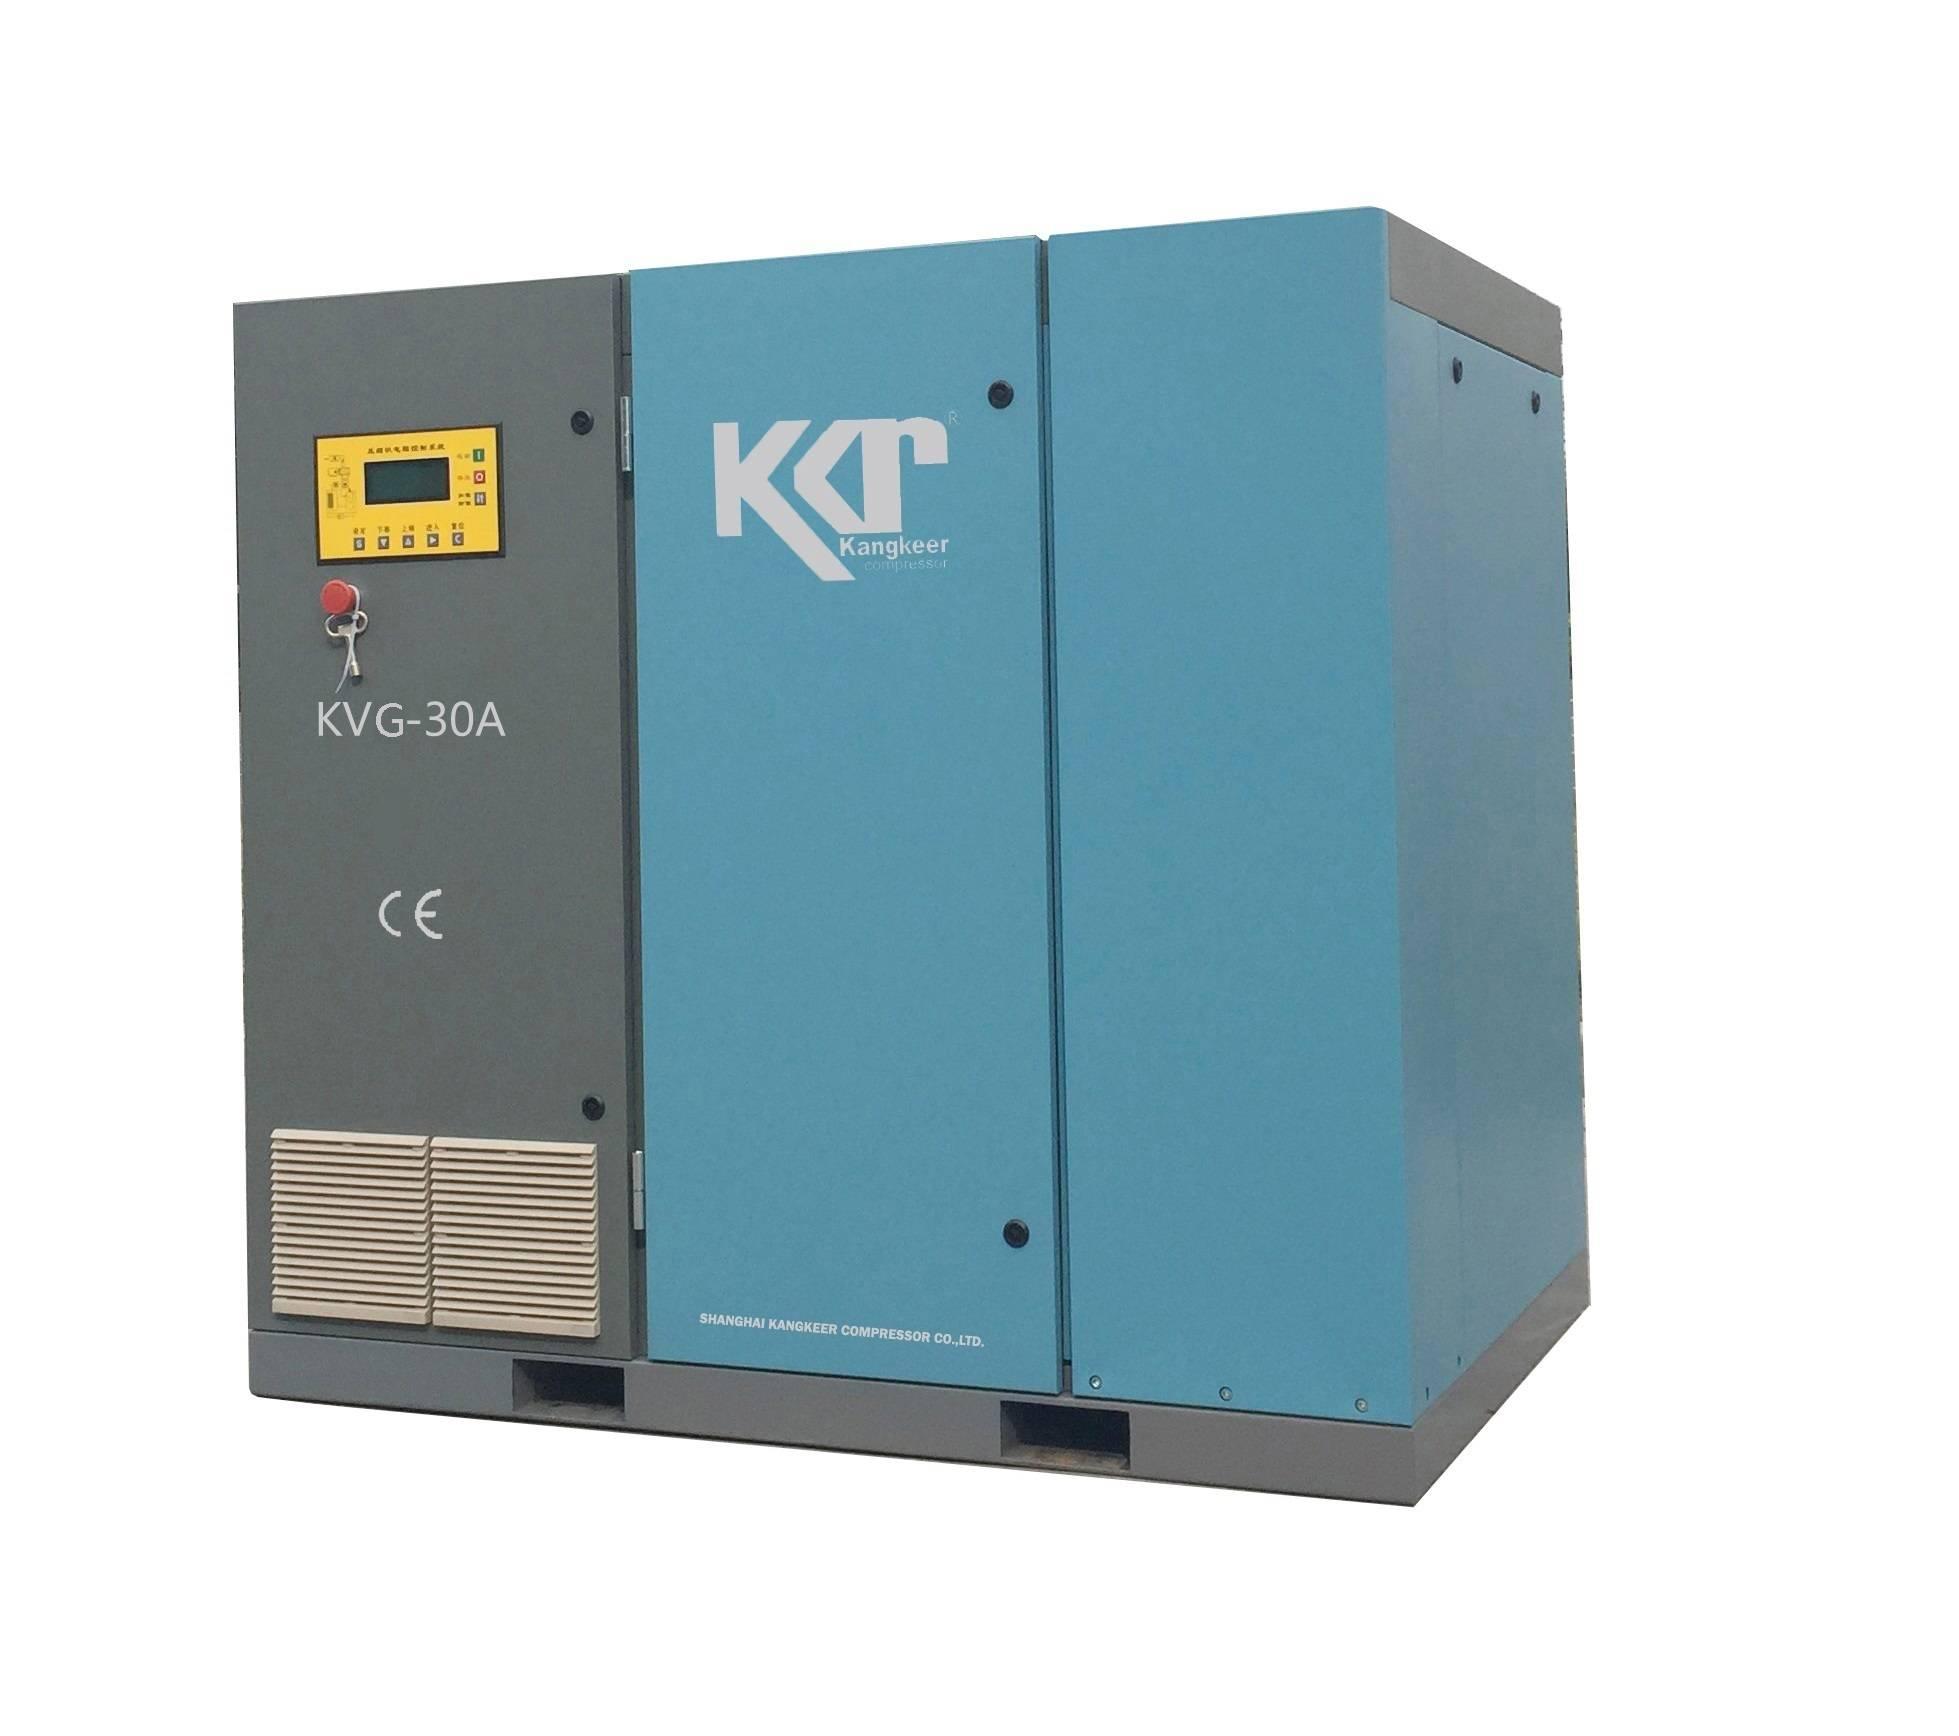 KVG-30A Rotary screw air compressor